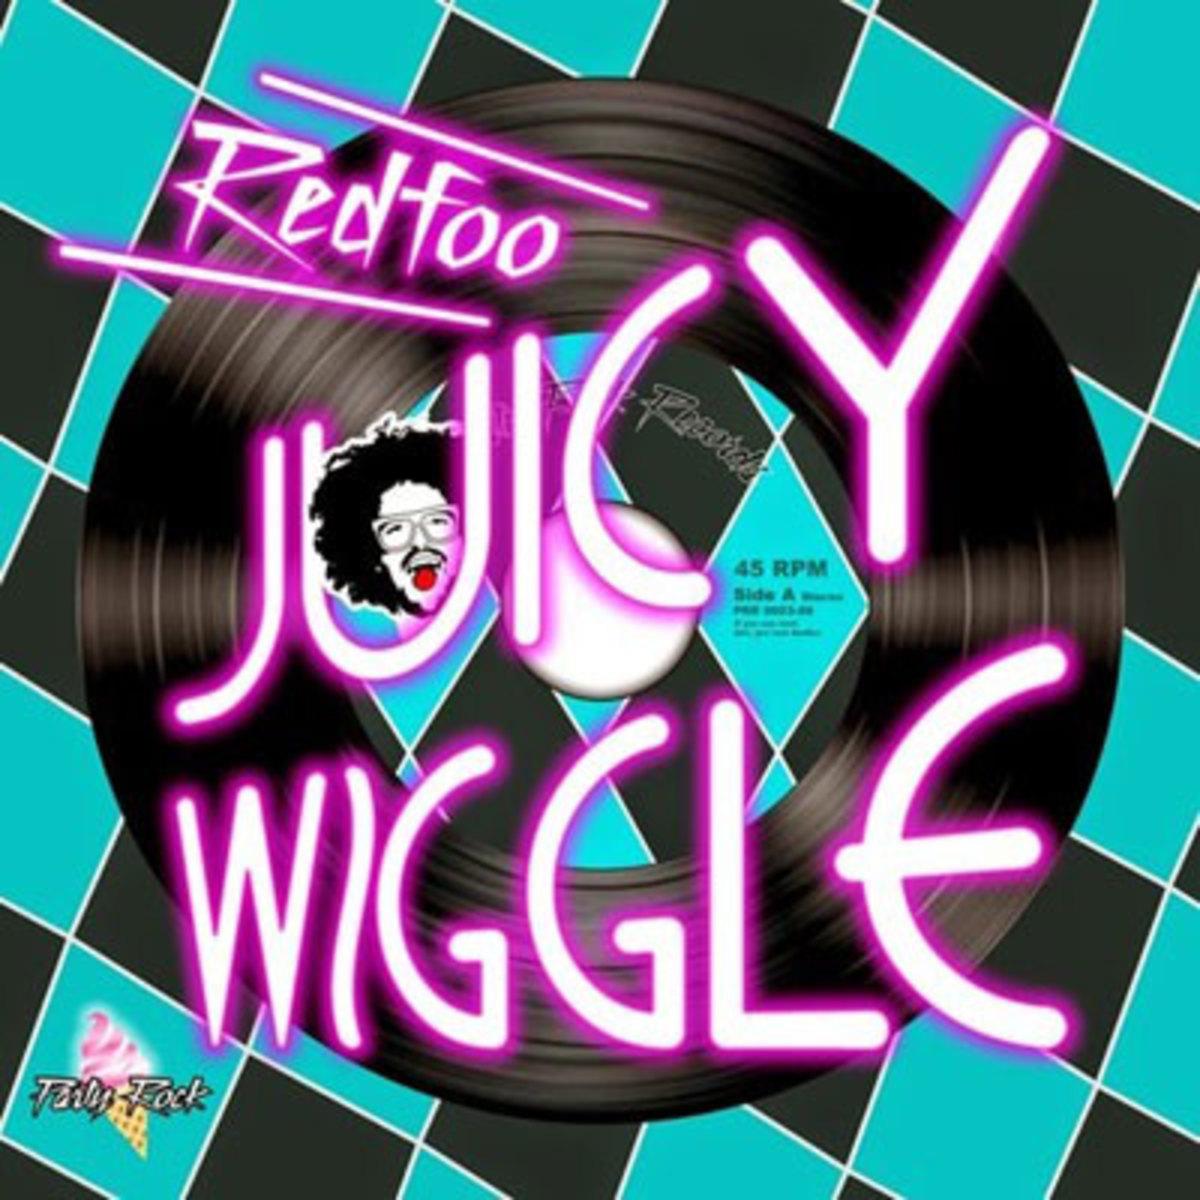 redfoo-juicewiggle.jpg